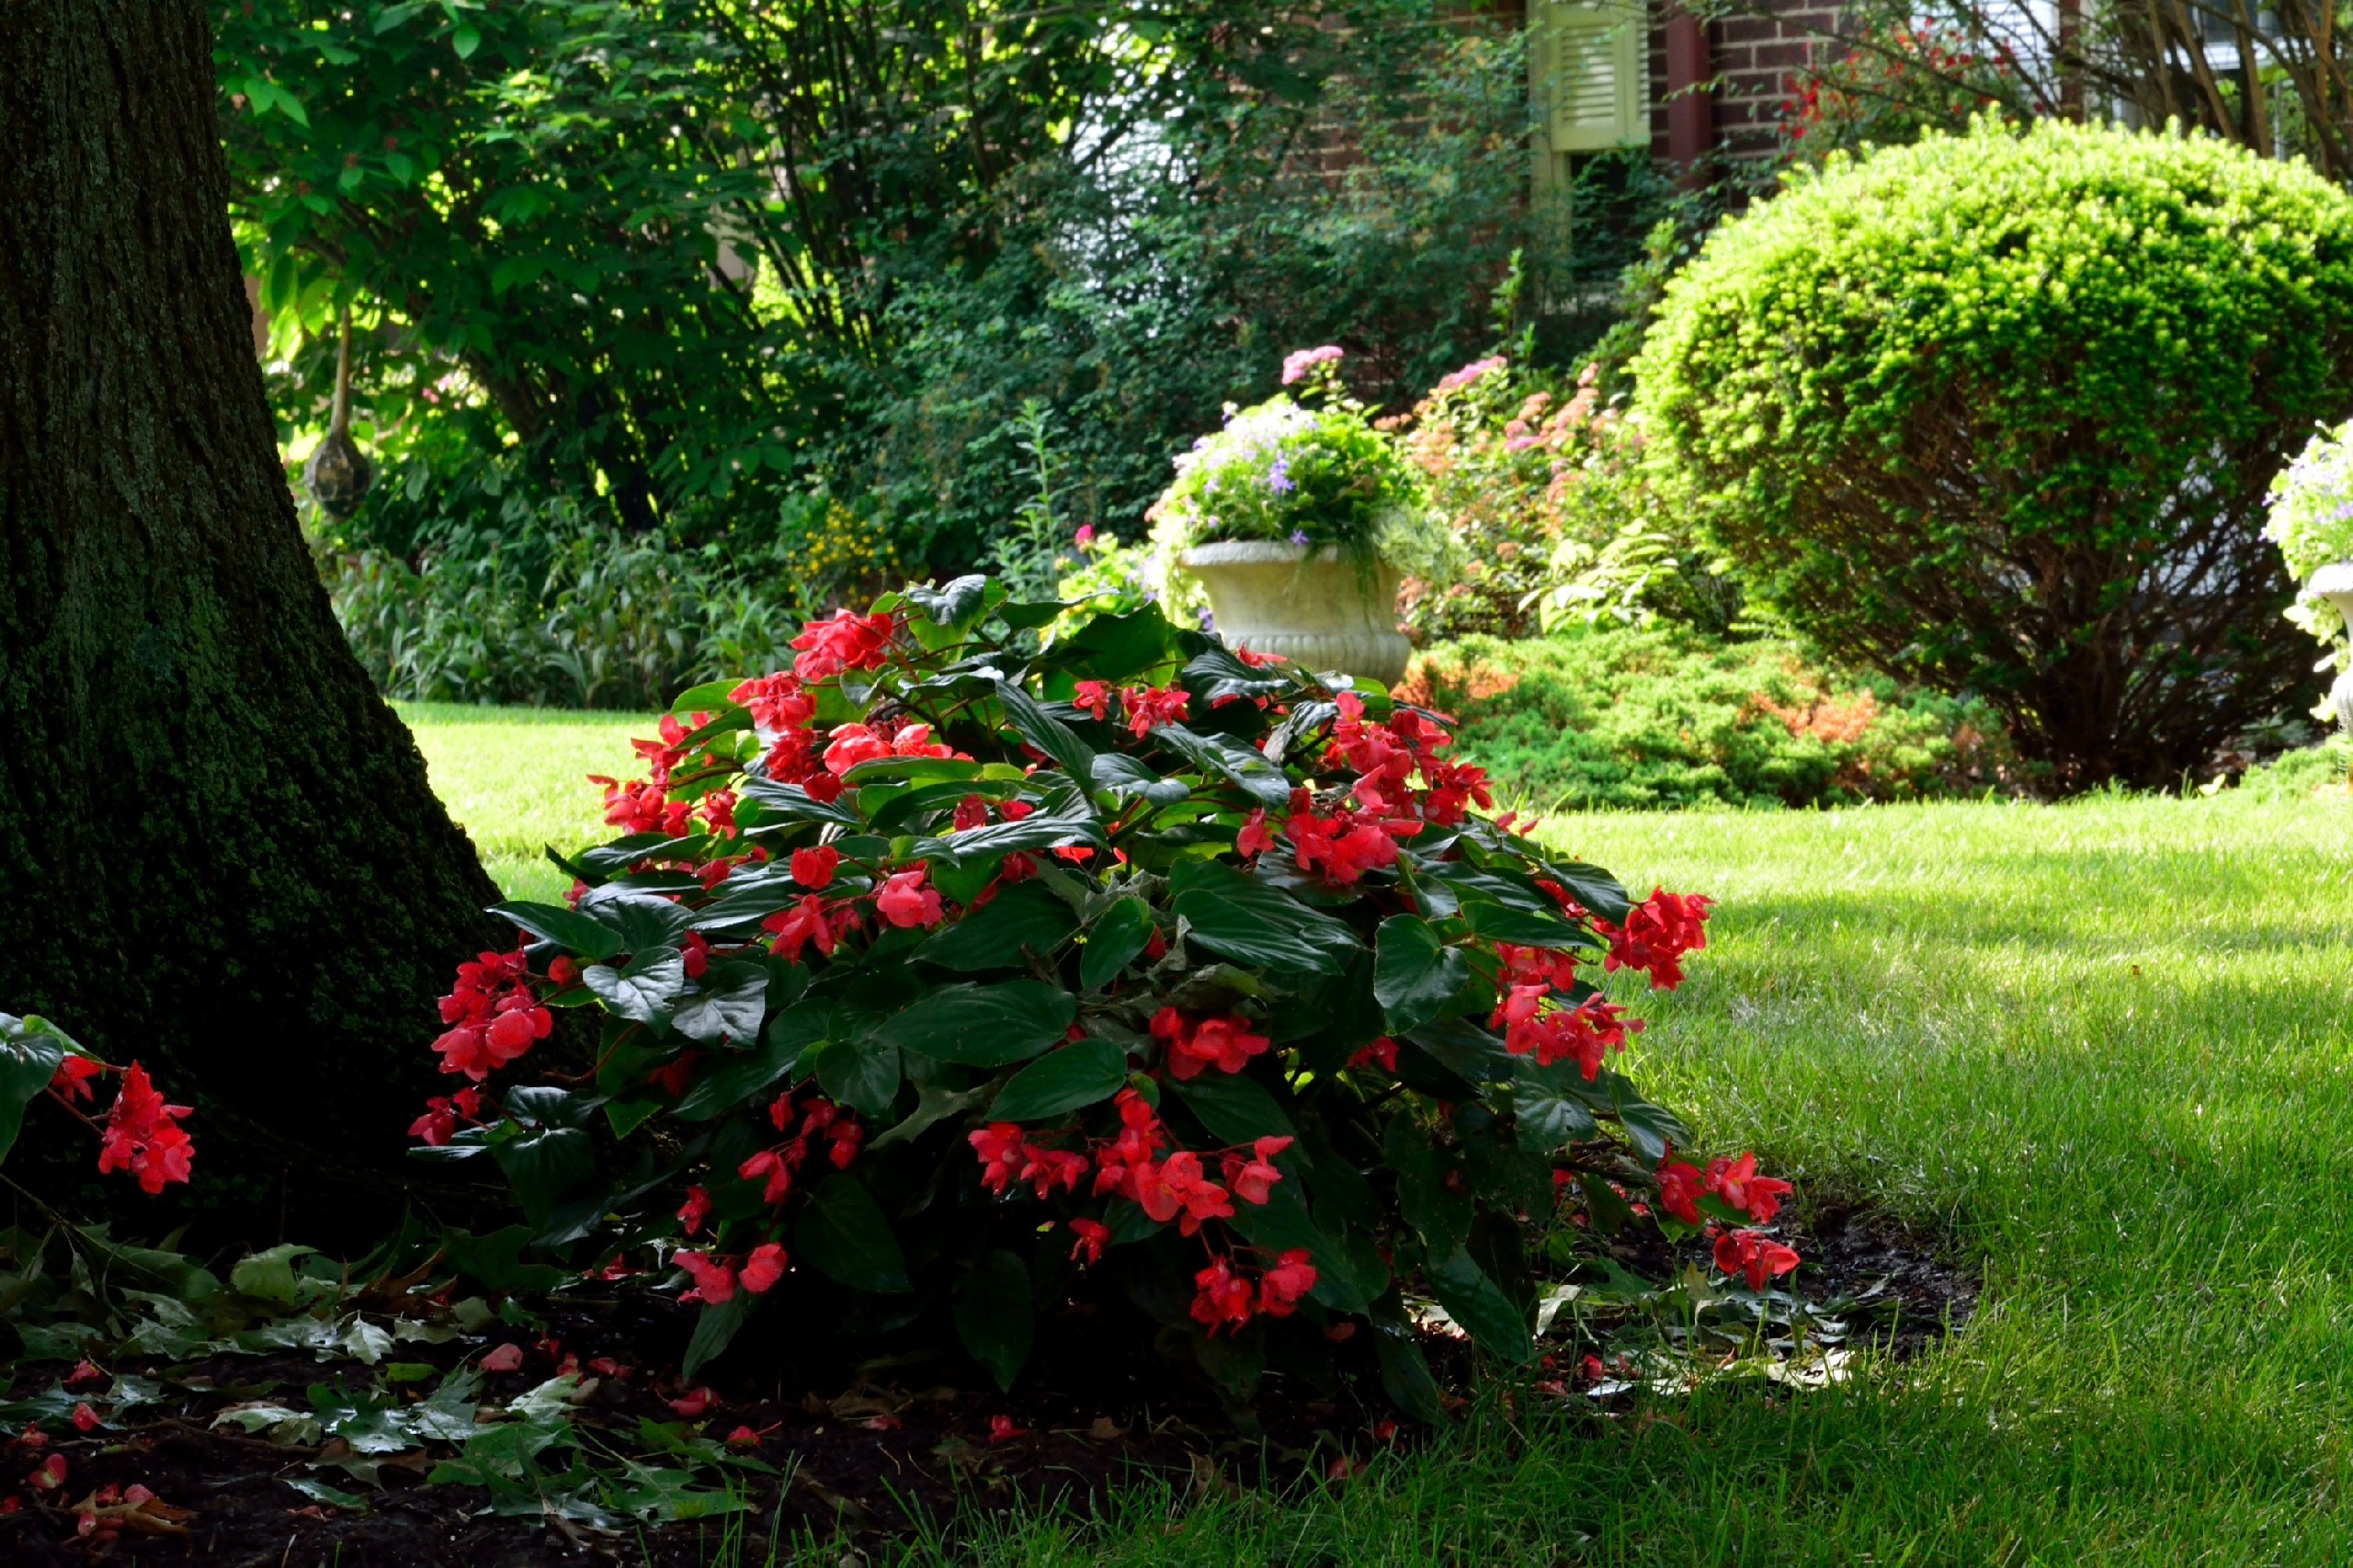 Ogród, Kwiaty, Krzewy, Drzewa